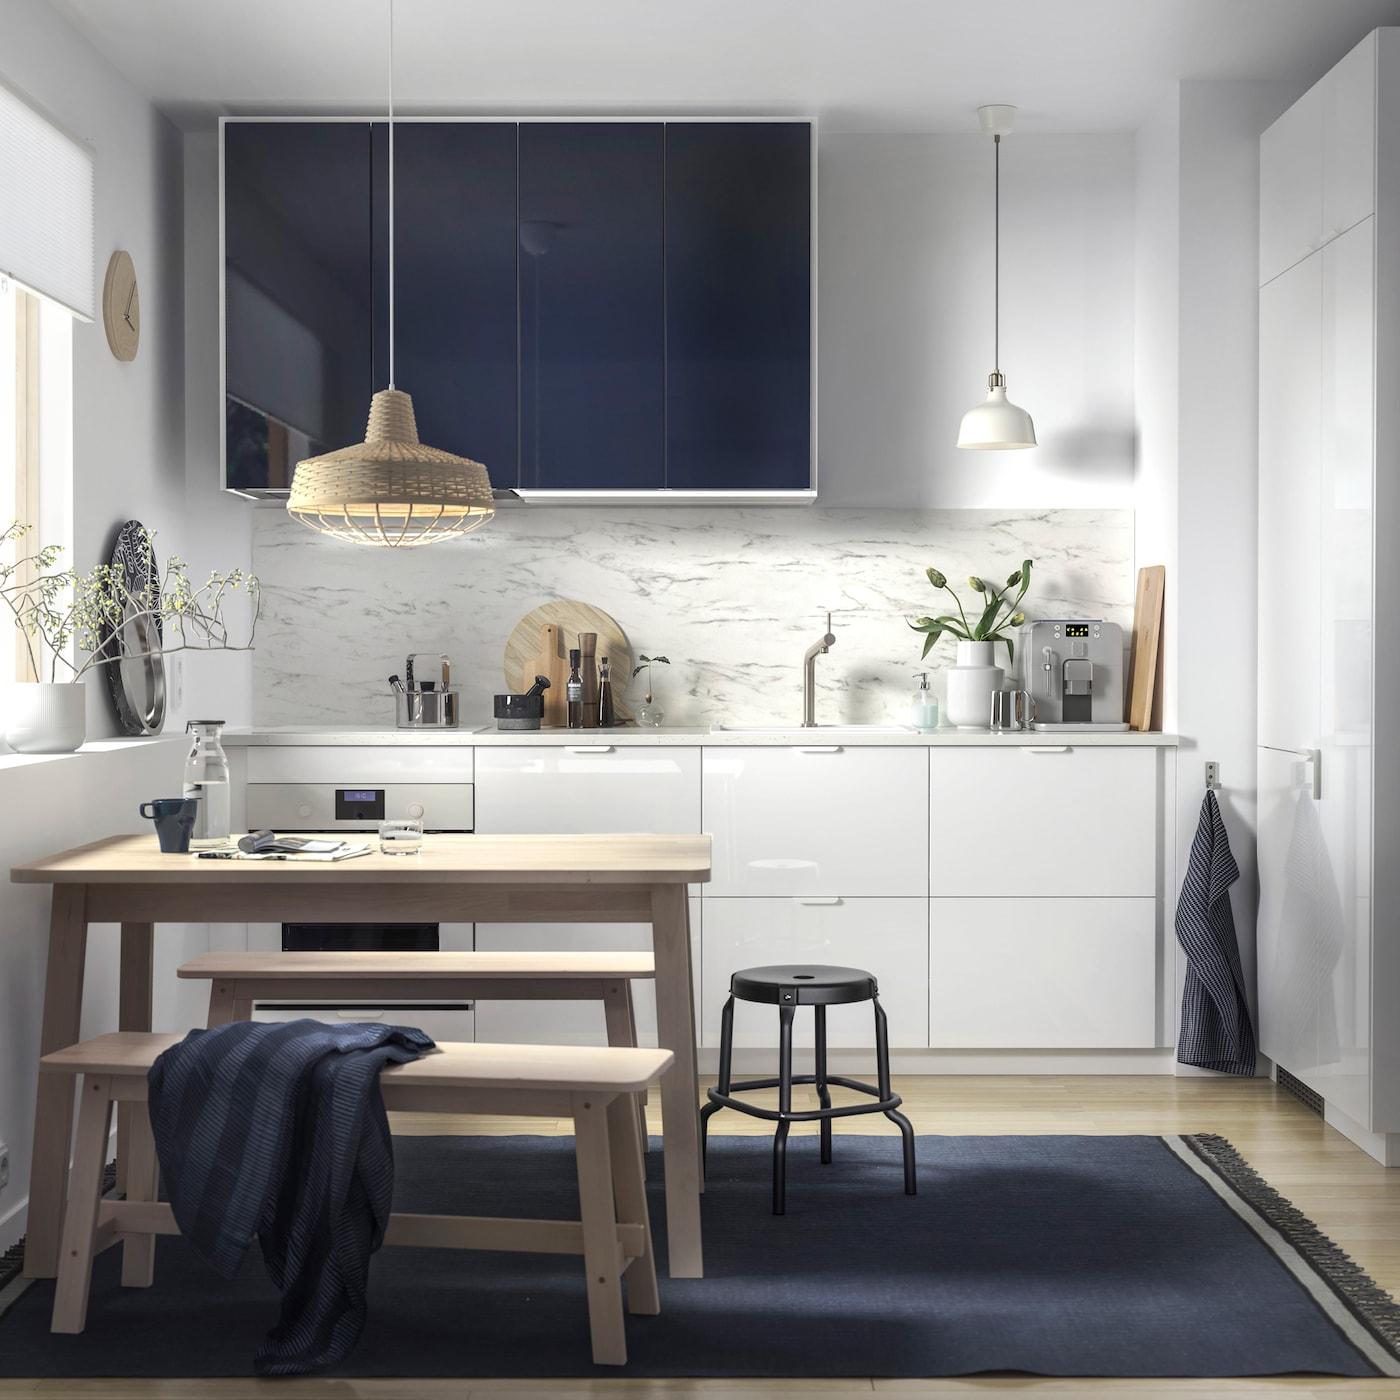 RINGHULT أدراج من ايكيا وواجهات خزانة المطبخ JÄRSTA باللون الأسود اللامع في مطبخ أبيض بسيط.